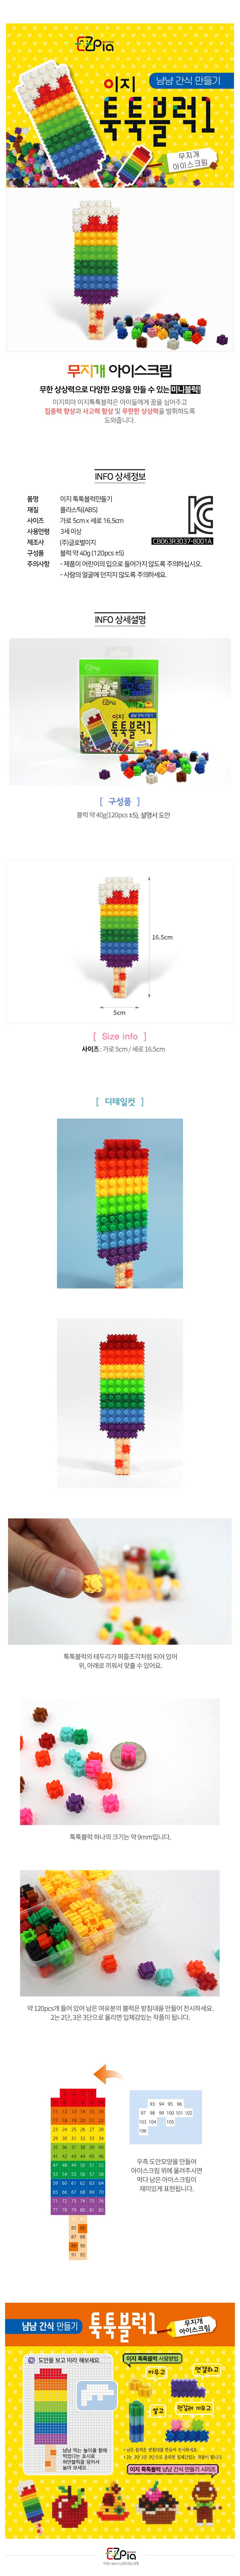 이지 툭툭블럭만들기 (아이스크림)1,770원-이지피아키덜트/취미, 블록/퍼즐, 레고/블록, 블록완구바보사랑이지 툭툭블럭만들기 (아이스크림)1,770원-이지피아키덜트/취미, 블록/퍼즐, 레고/블록, 블록완구바보사랑